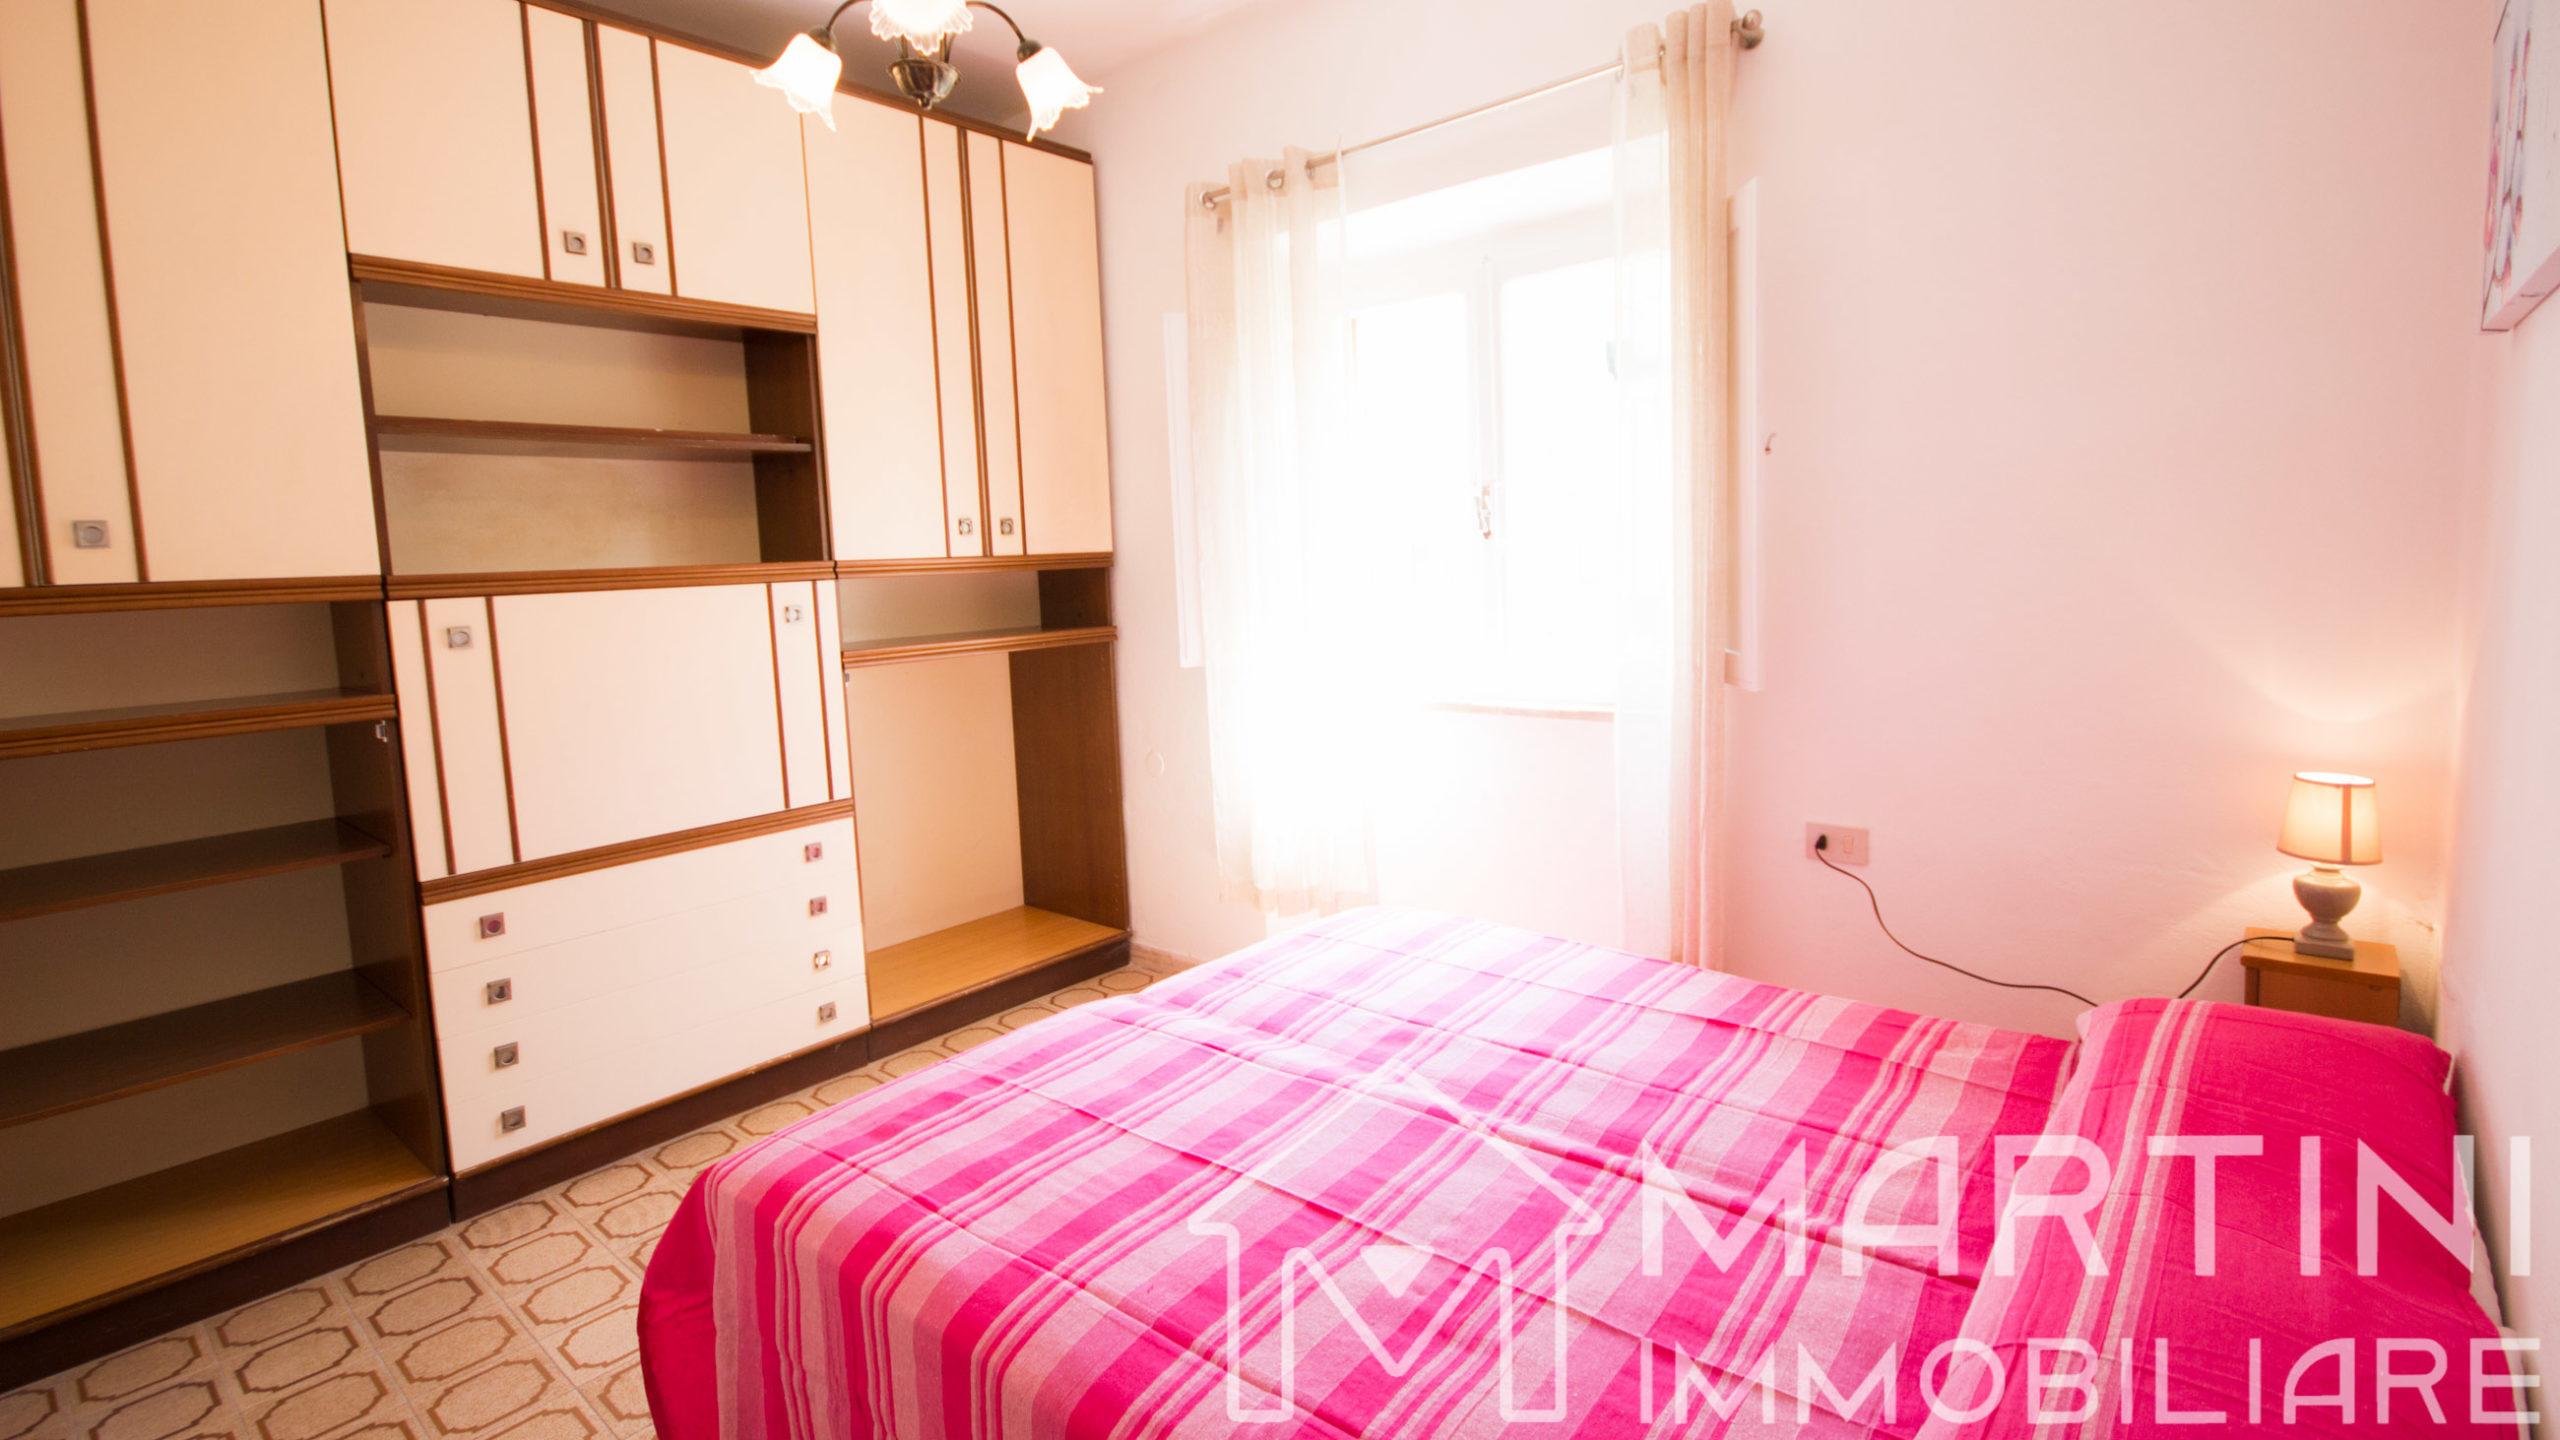 Appartamento Vacanze Economico con 2 Camere